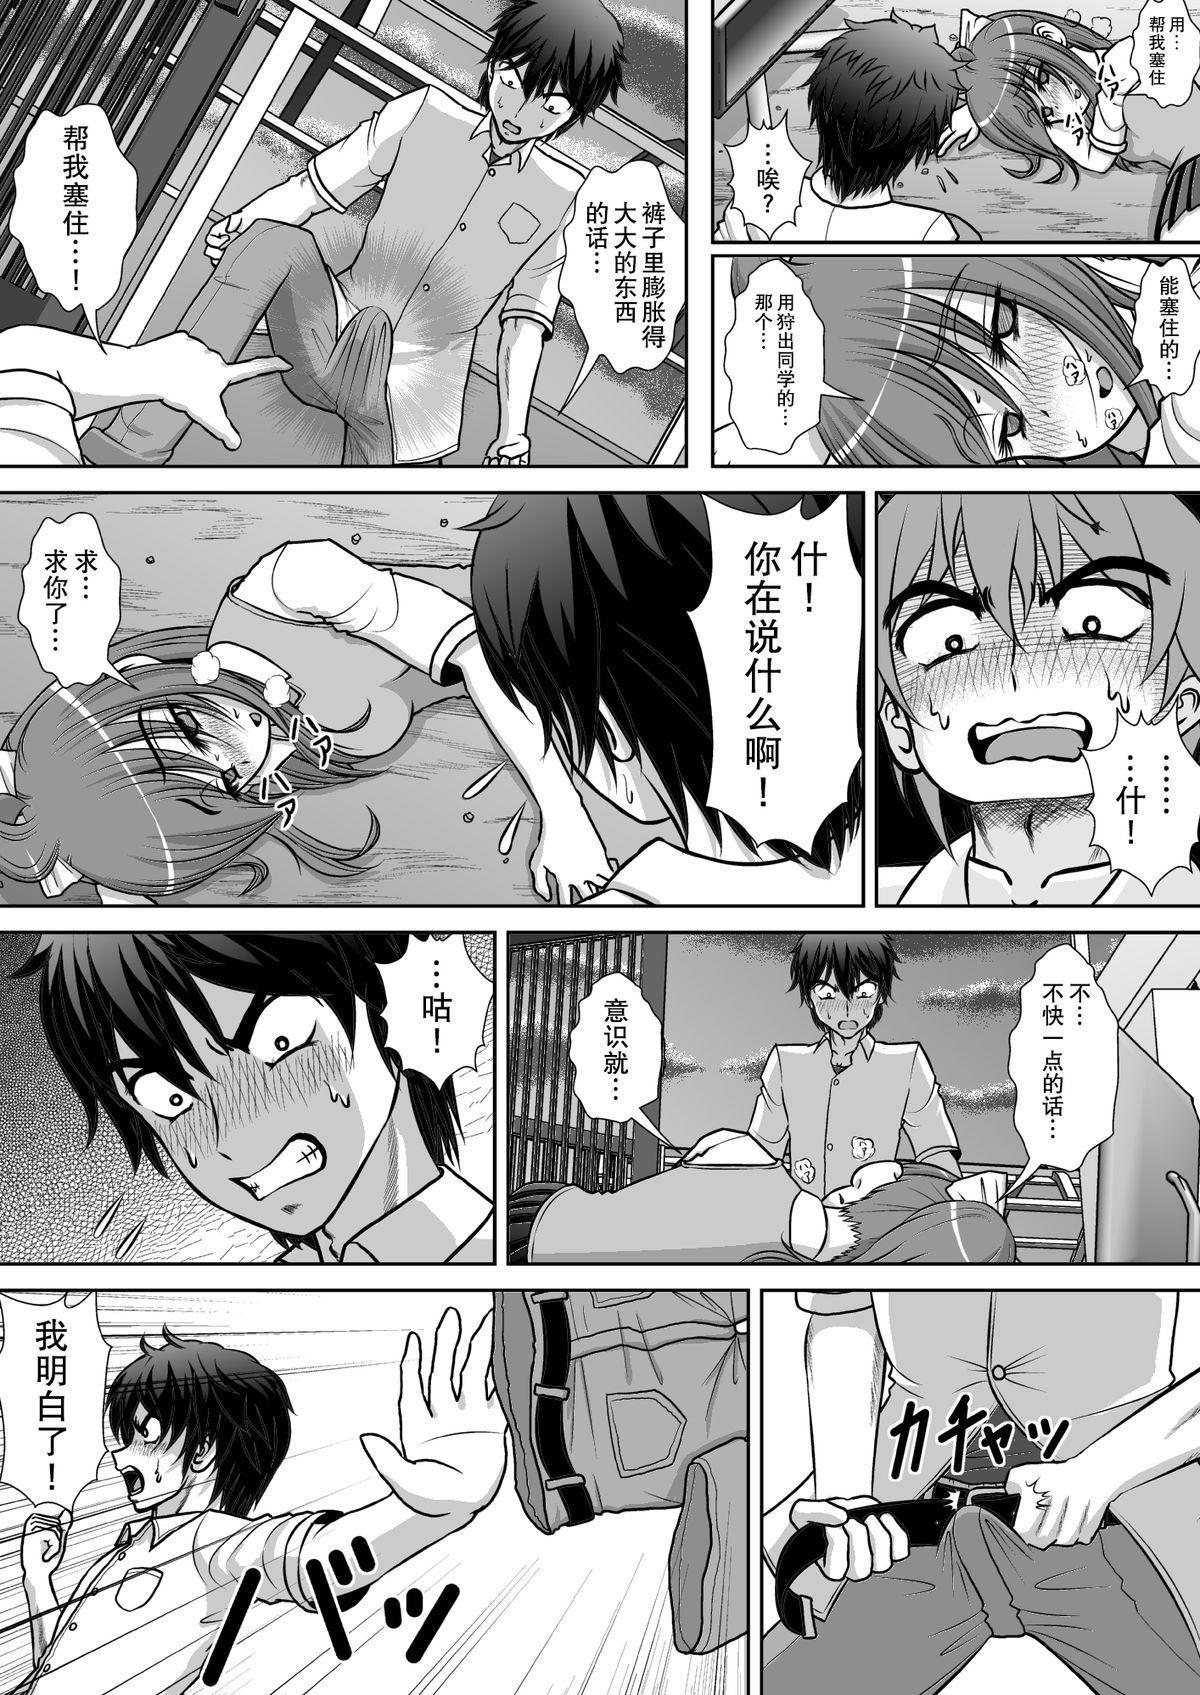 Chitsu Hakai-kei Joshi 2 22